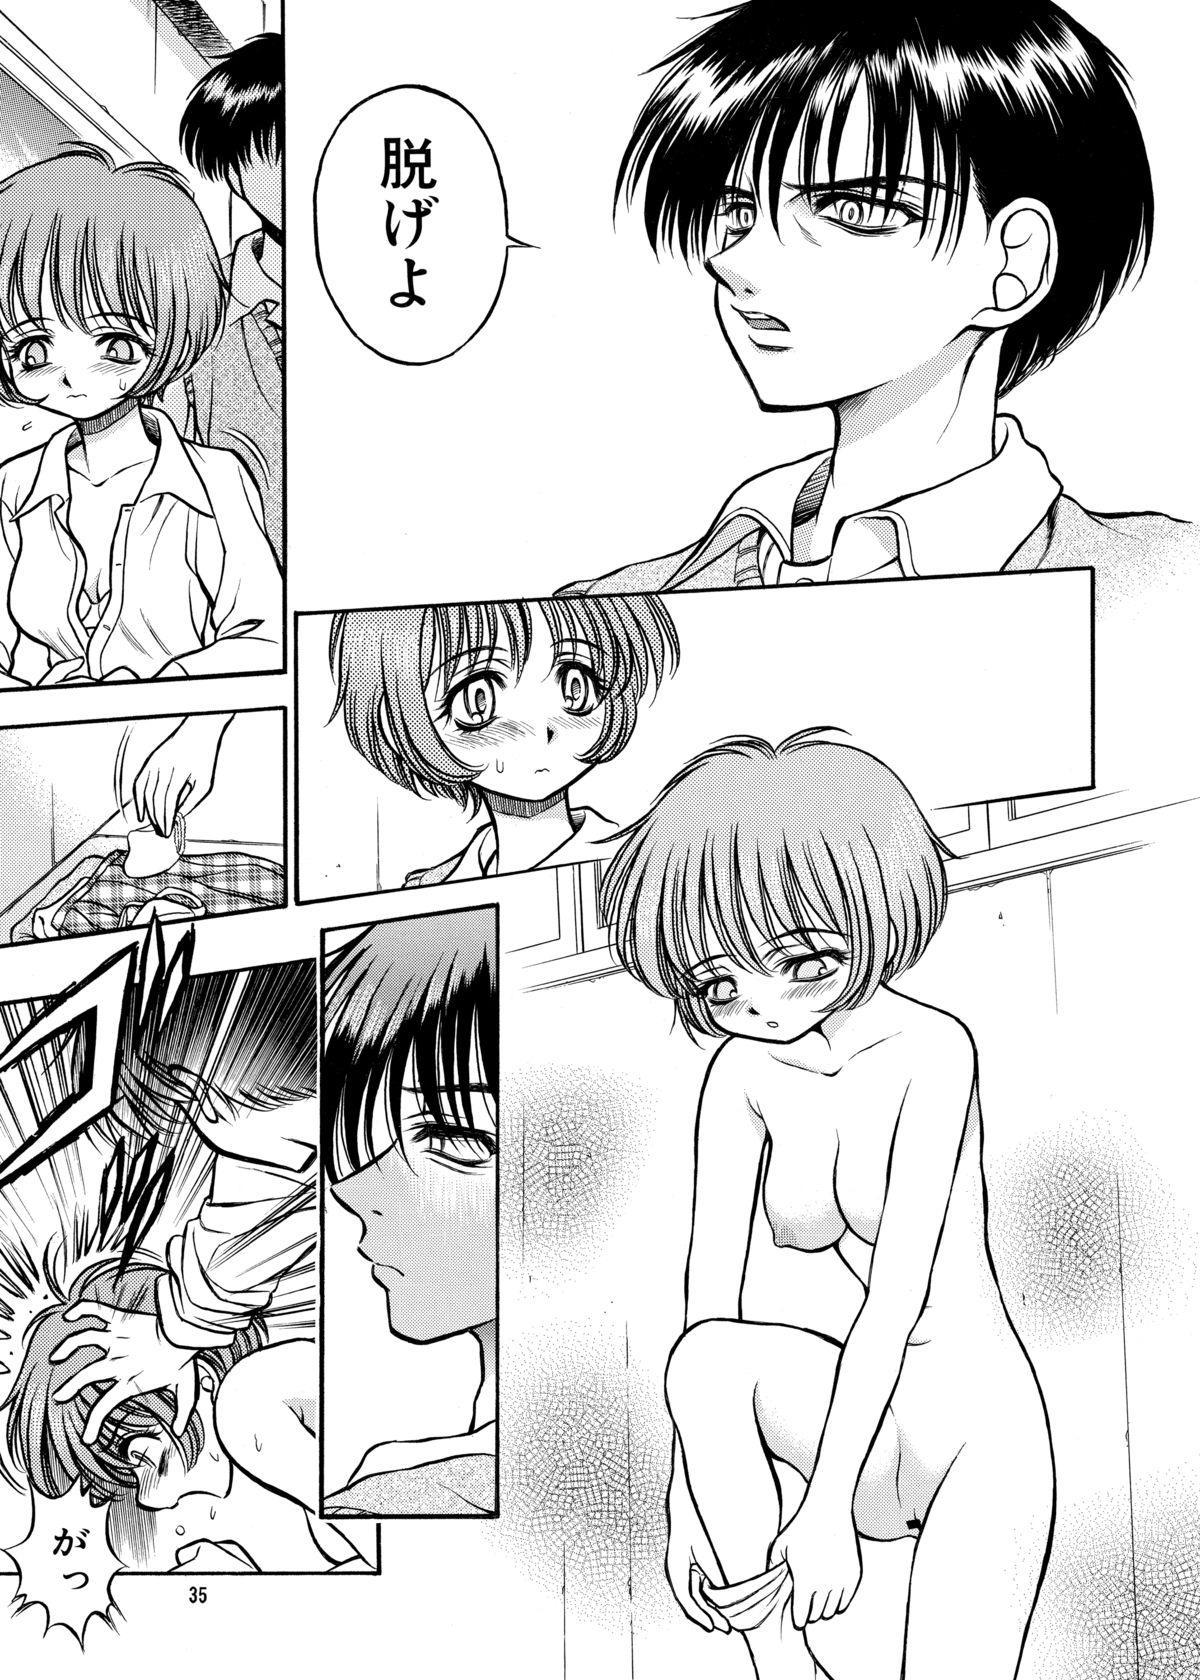 ココロノママニ 厩戸王子商業作品再録本 33